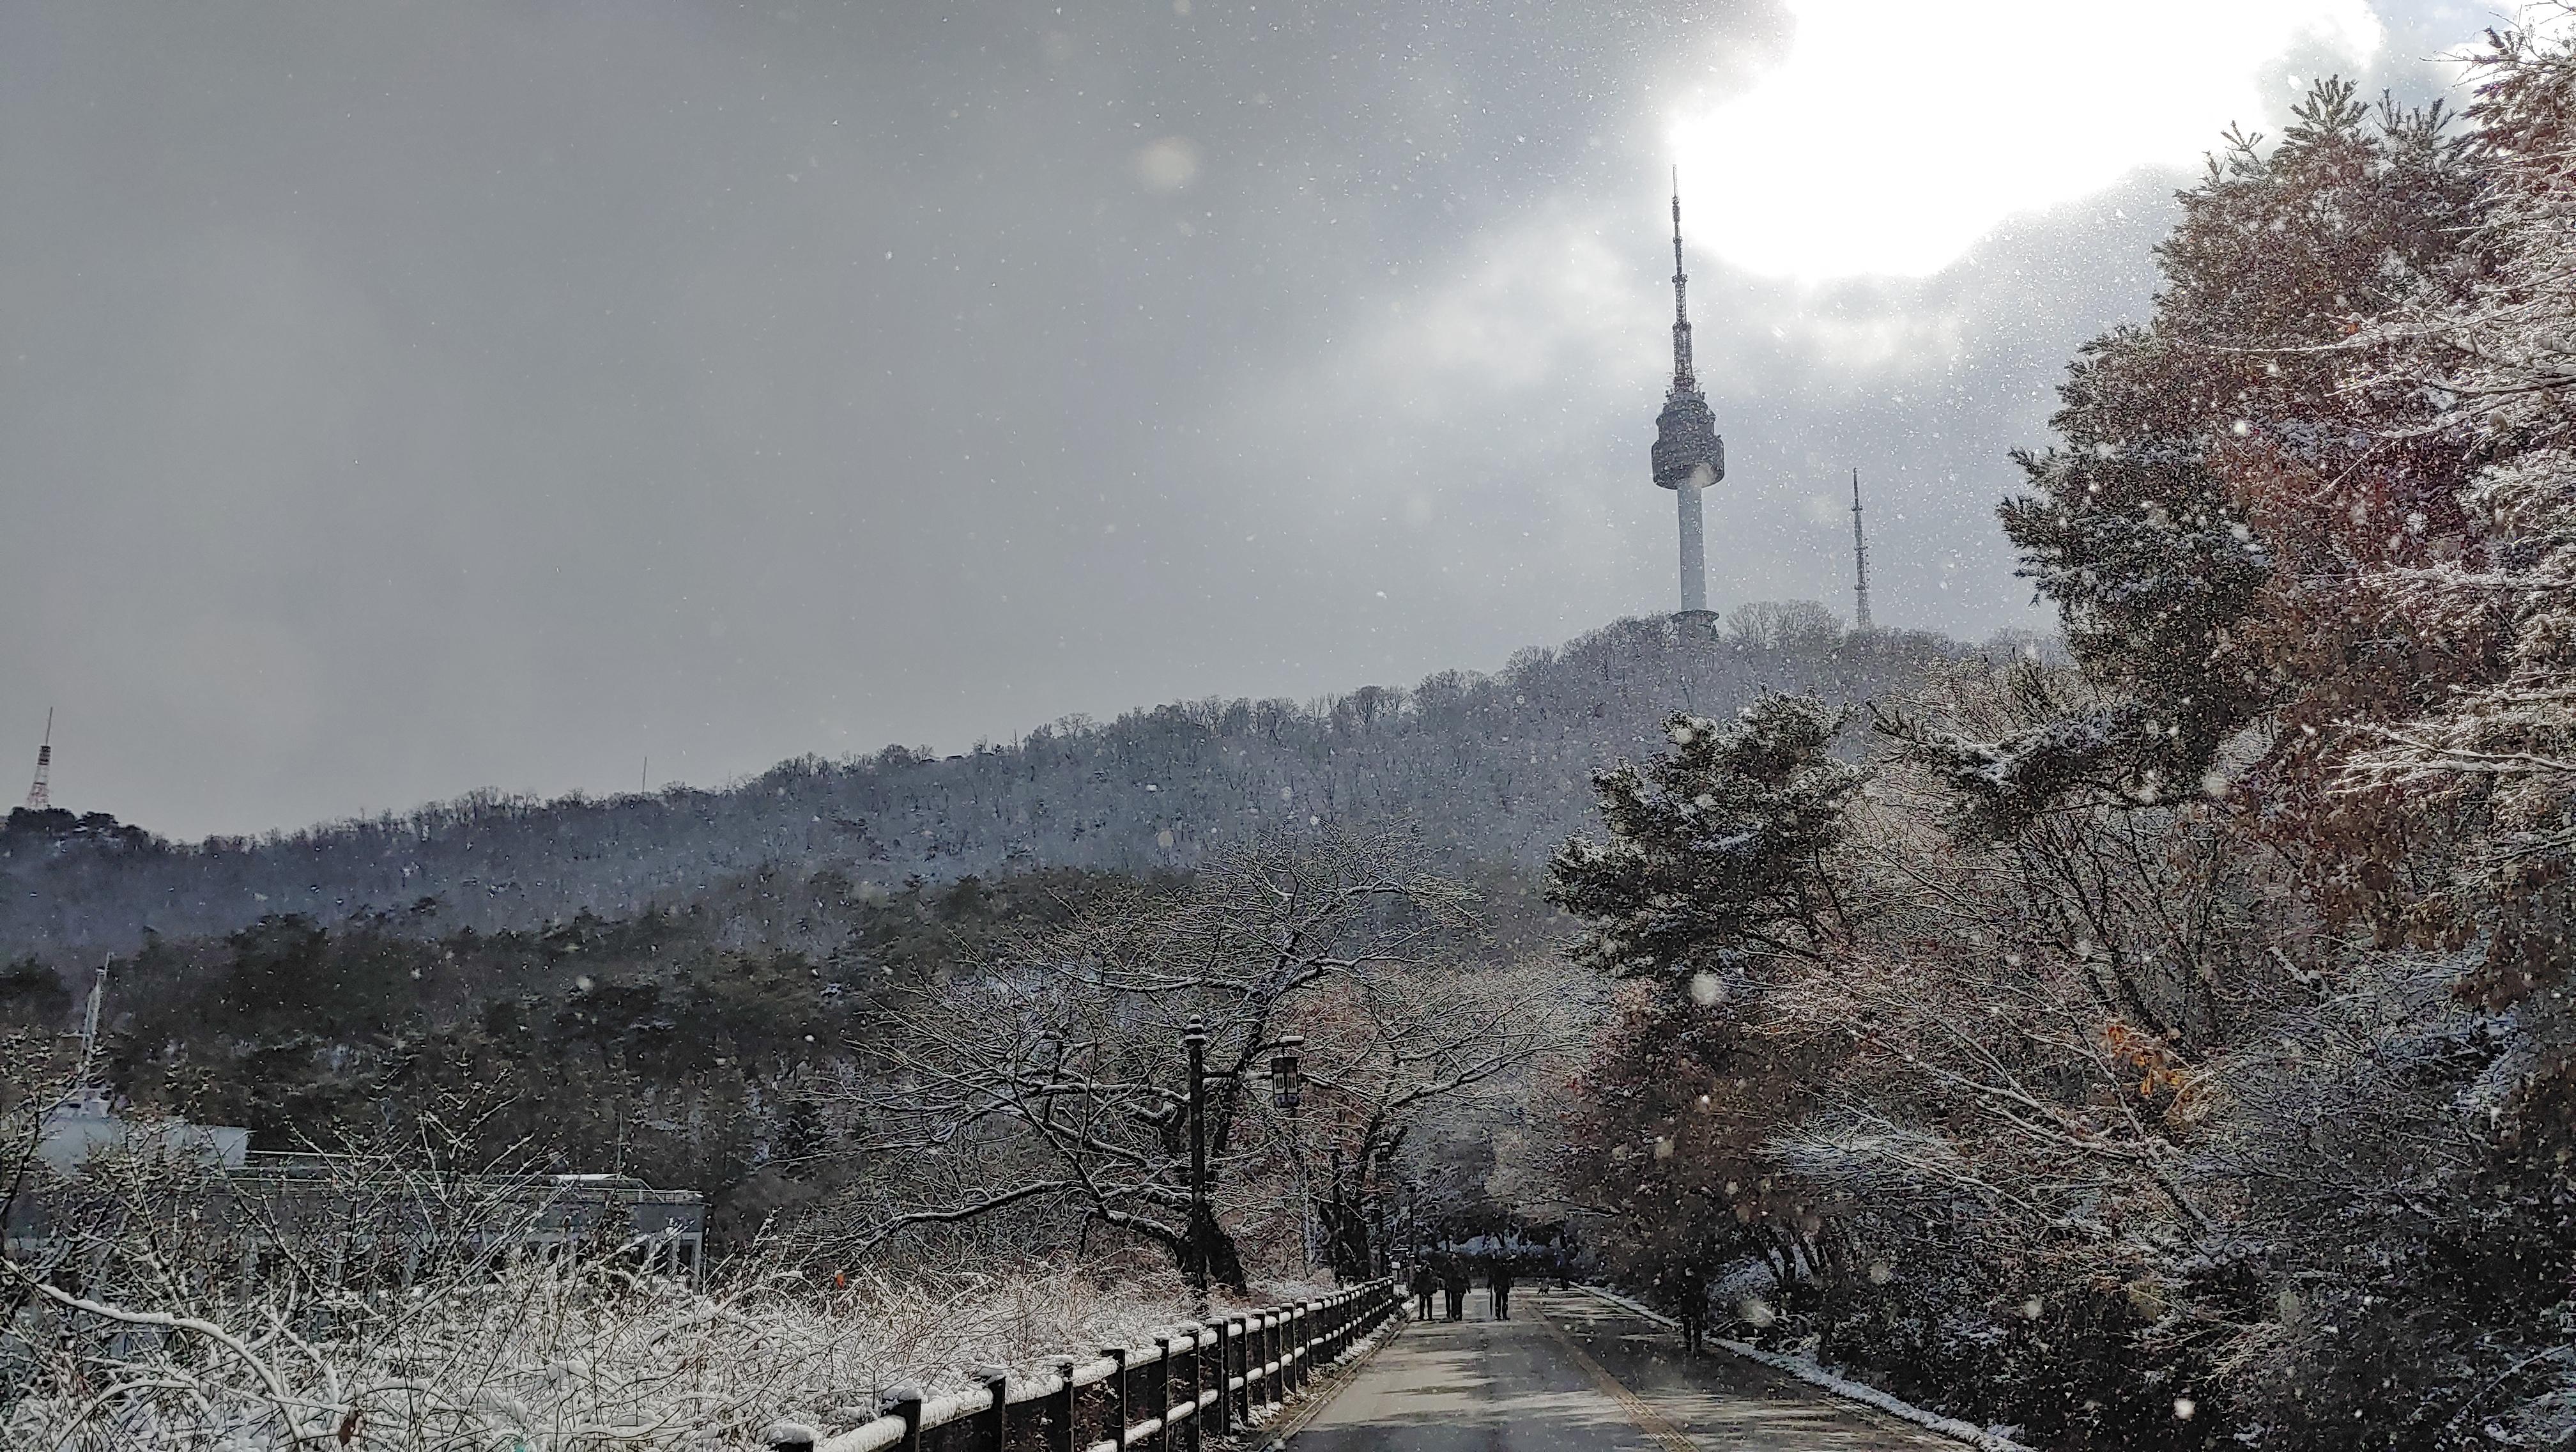 남산둘레길을 하얗게 만든 2월의 눈을 사진으로 담다.